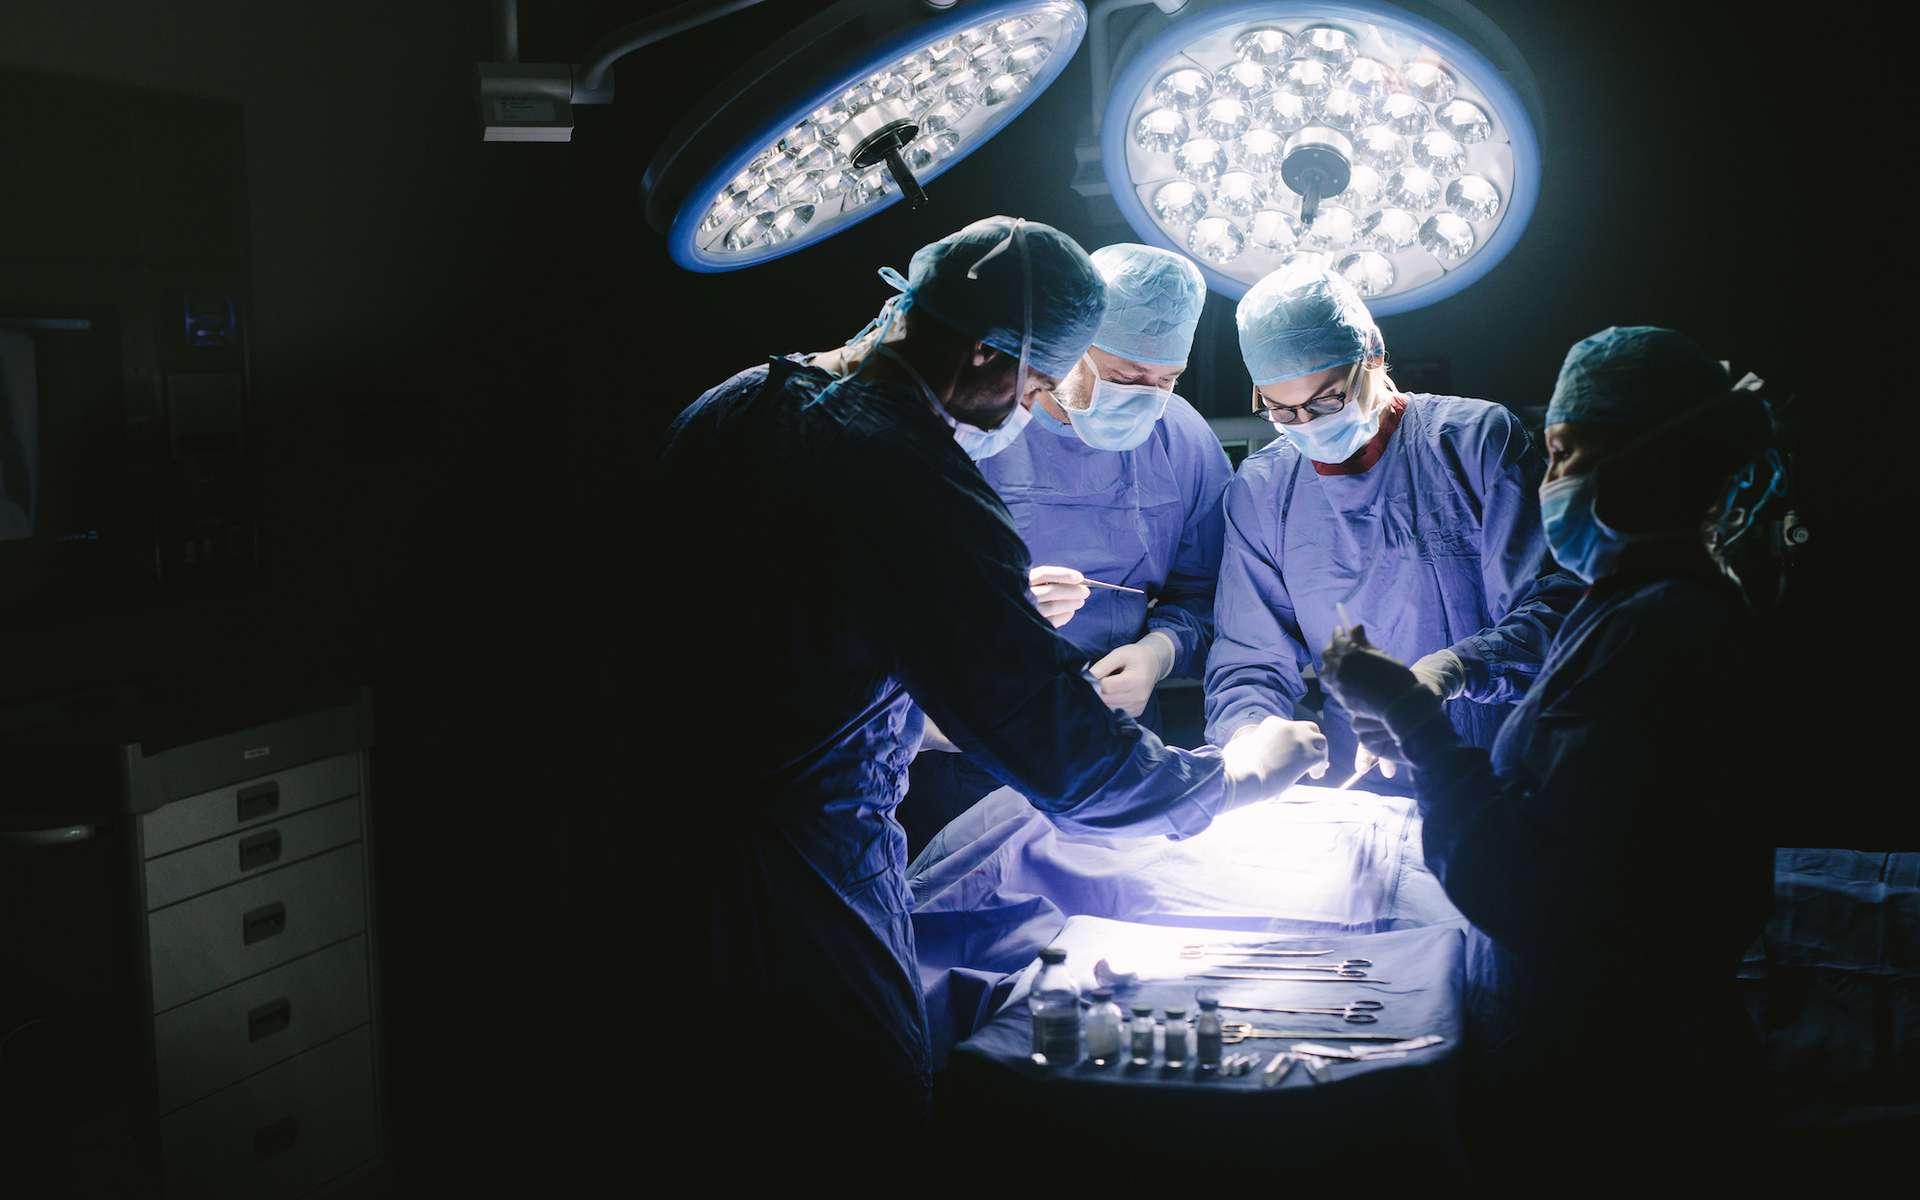 Ces opérations chirurgicales ont permis de sauver des patients en état quasi désespéré. © Jacob Lund, Adobe Stock